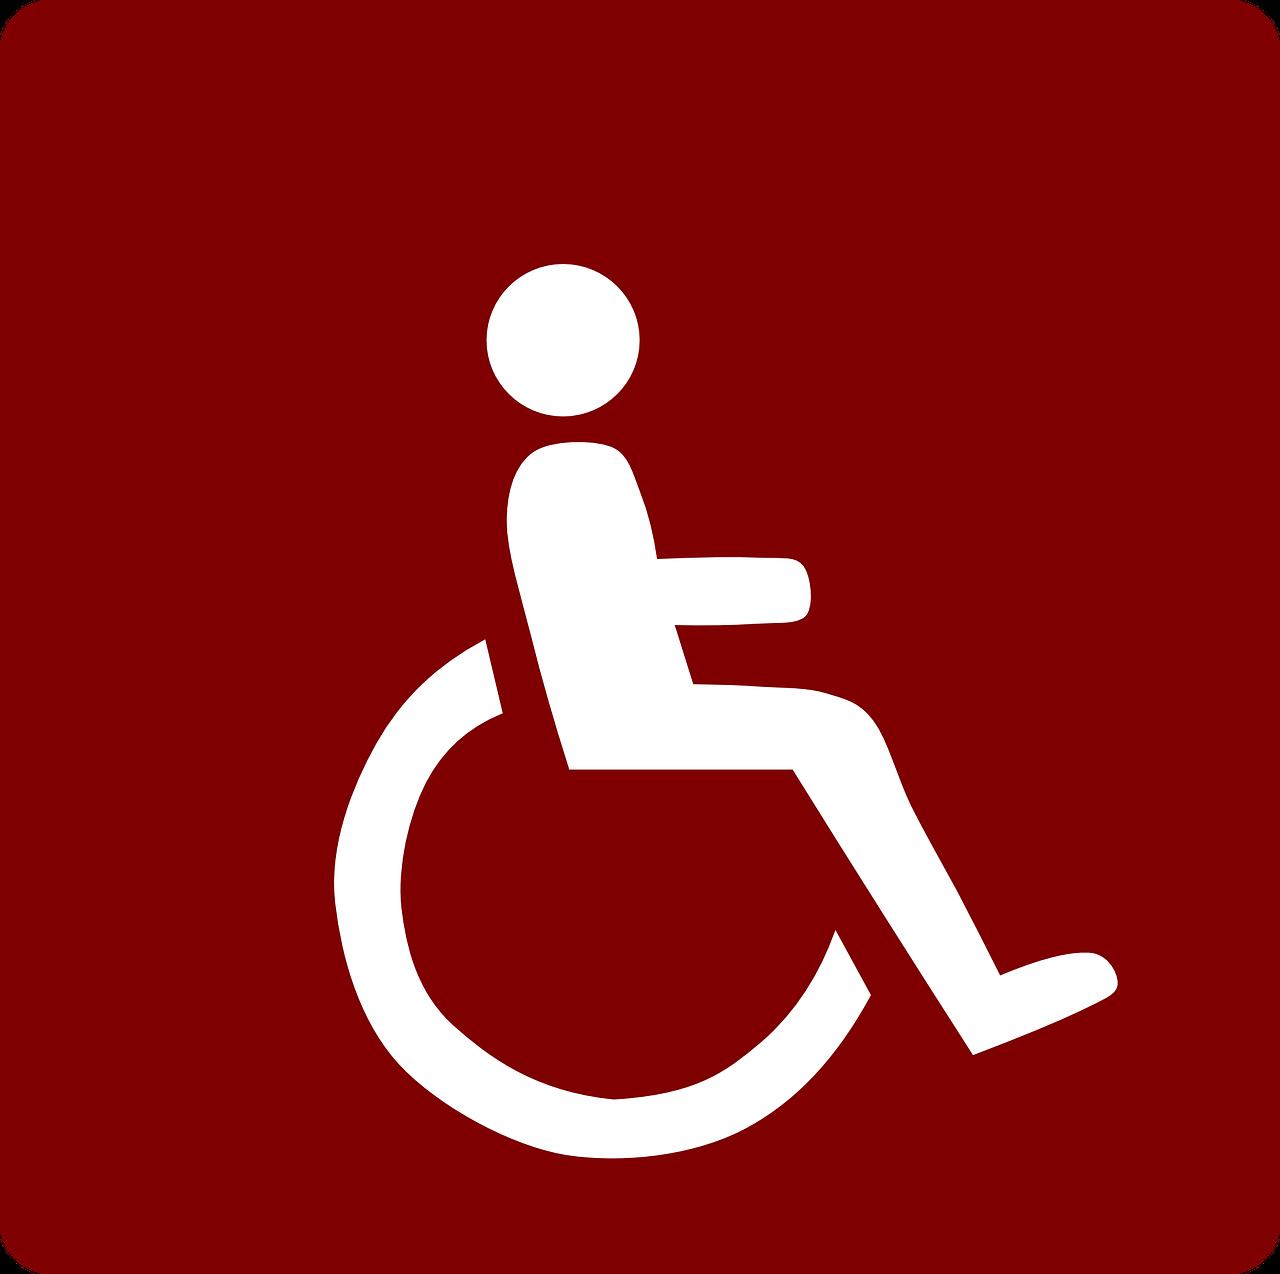 Siloah Harp De instelling gehandicaptenzorg verstandelijk gehandicapten beoordeling